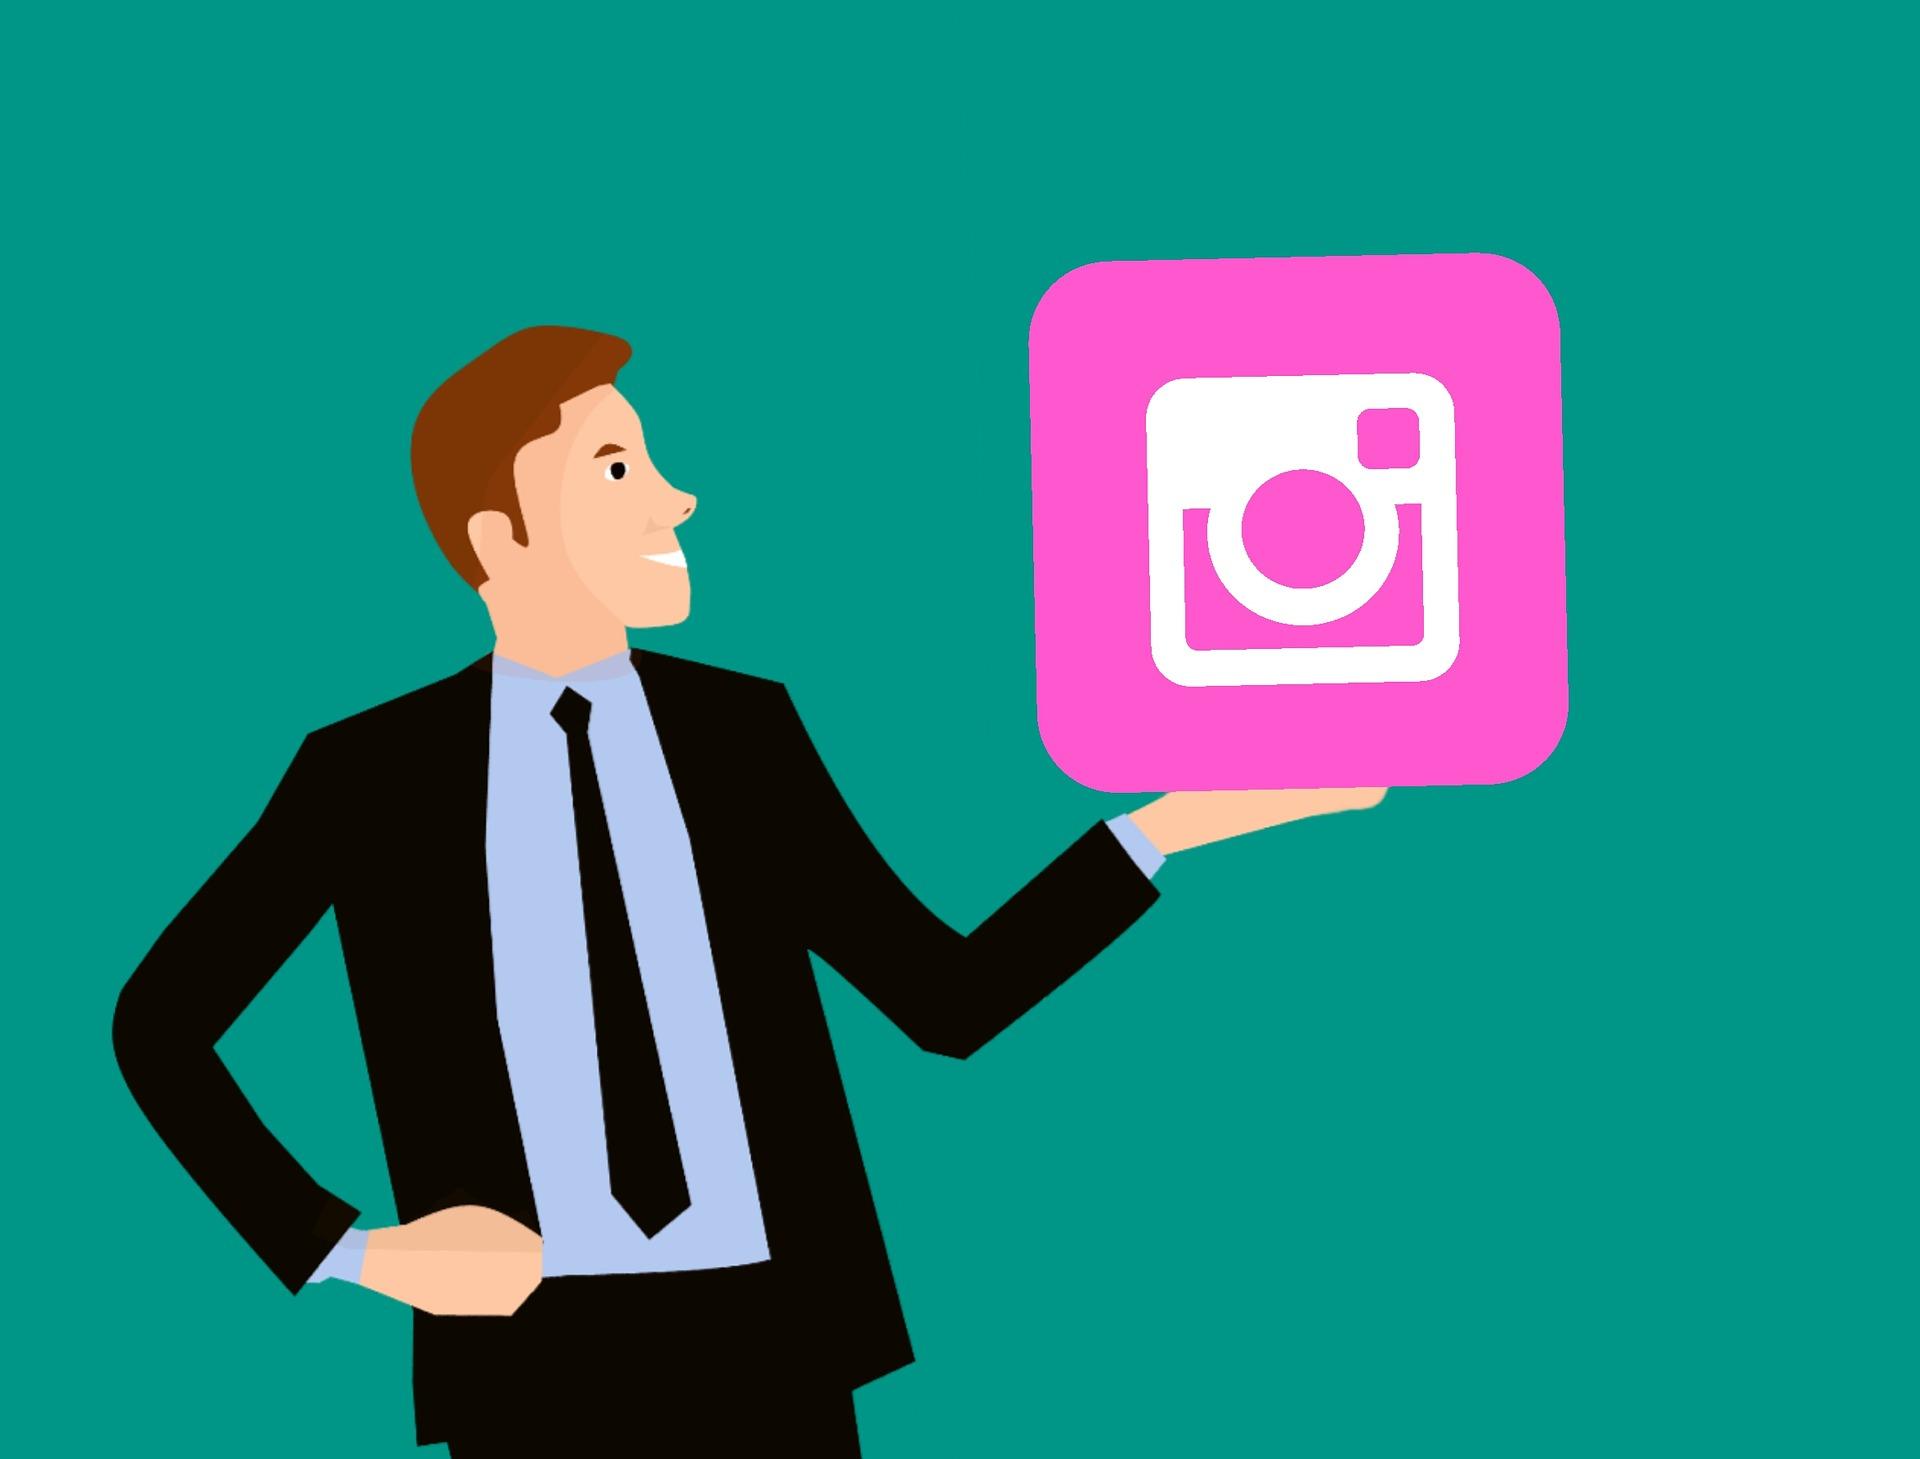 Wie poste ich ein Foto auf Instagram?